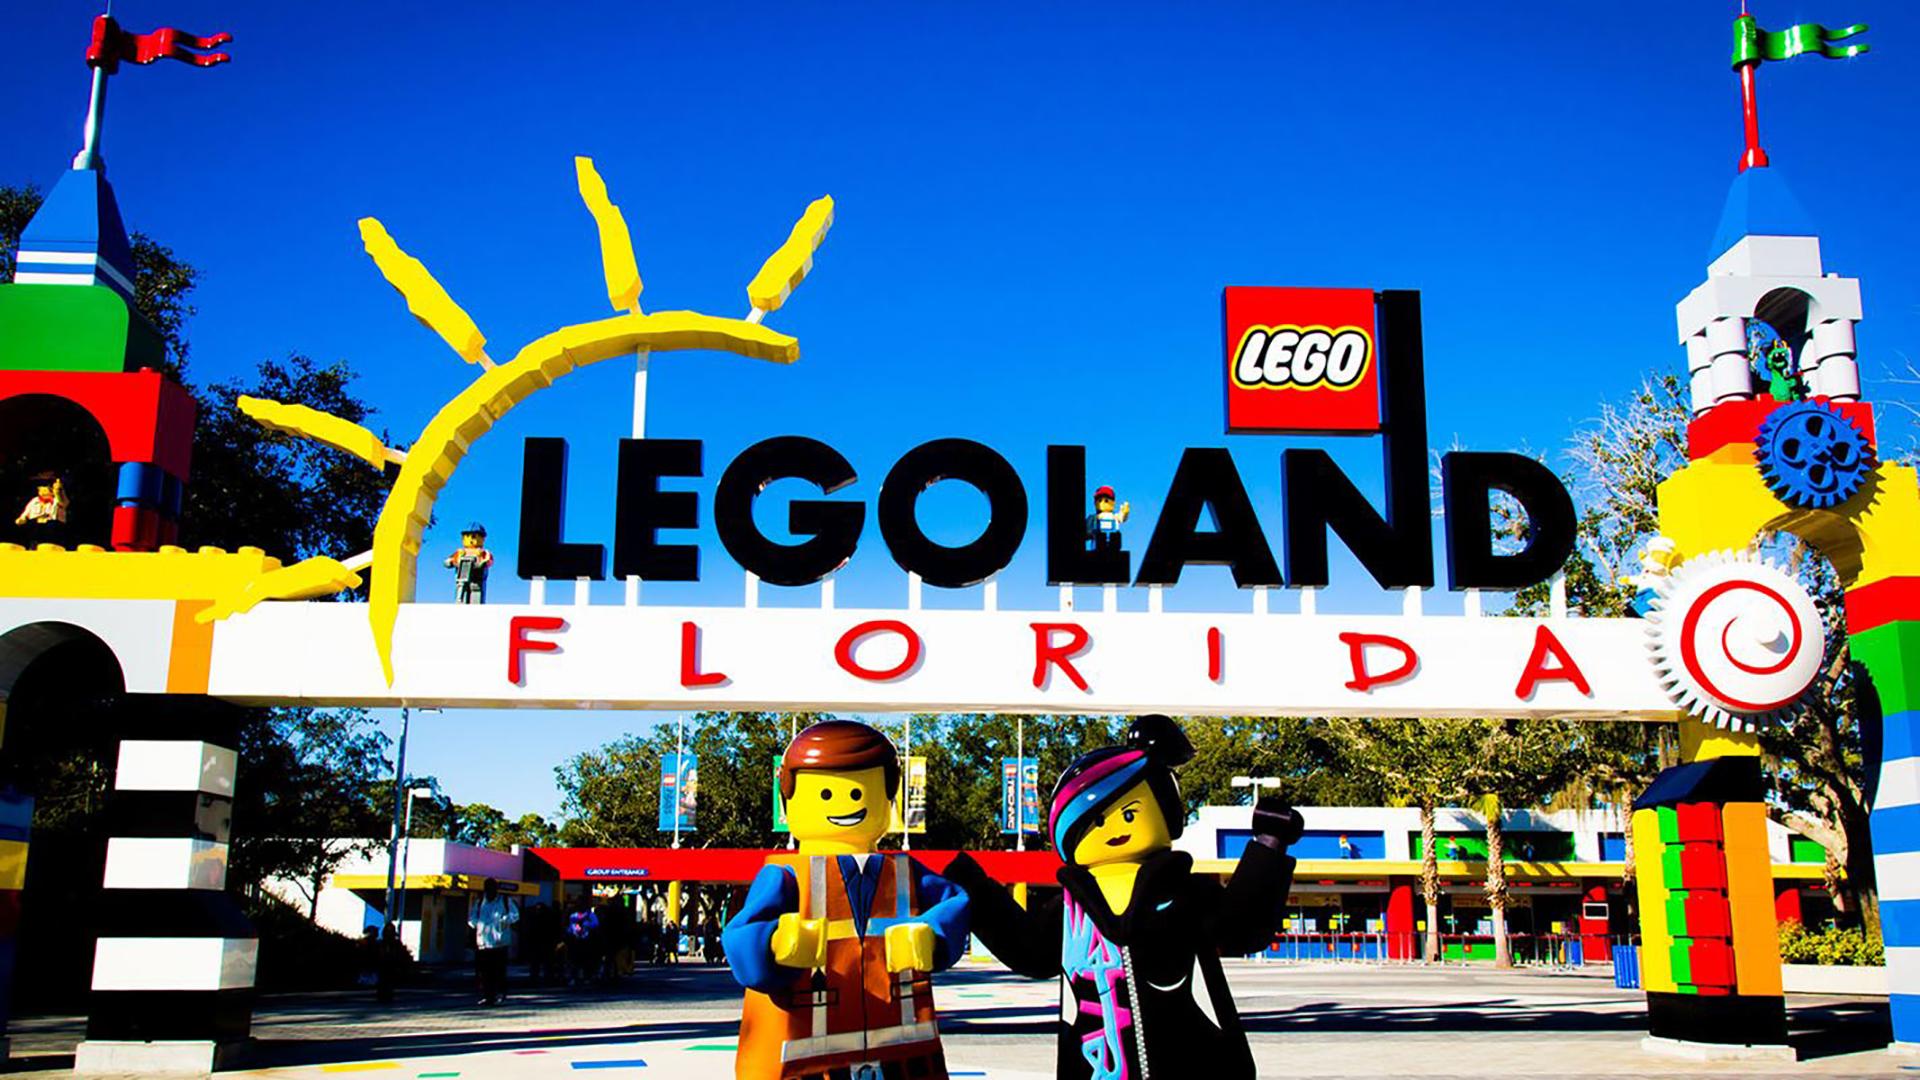 Legoland Florida Resort, cercade los parques Walt Disney World y Universal en Orlando , es uno de los ocho parques temáticos que hay en el planeta basados en los tradicionales juguetes de bloques